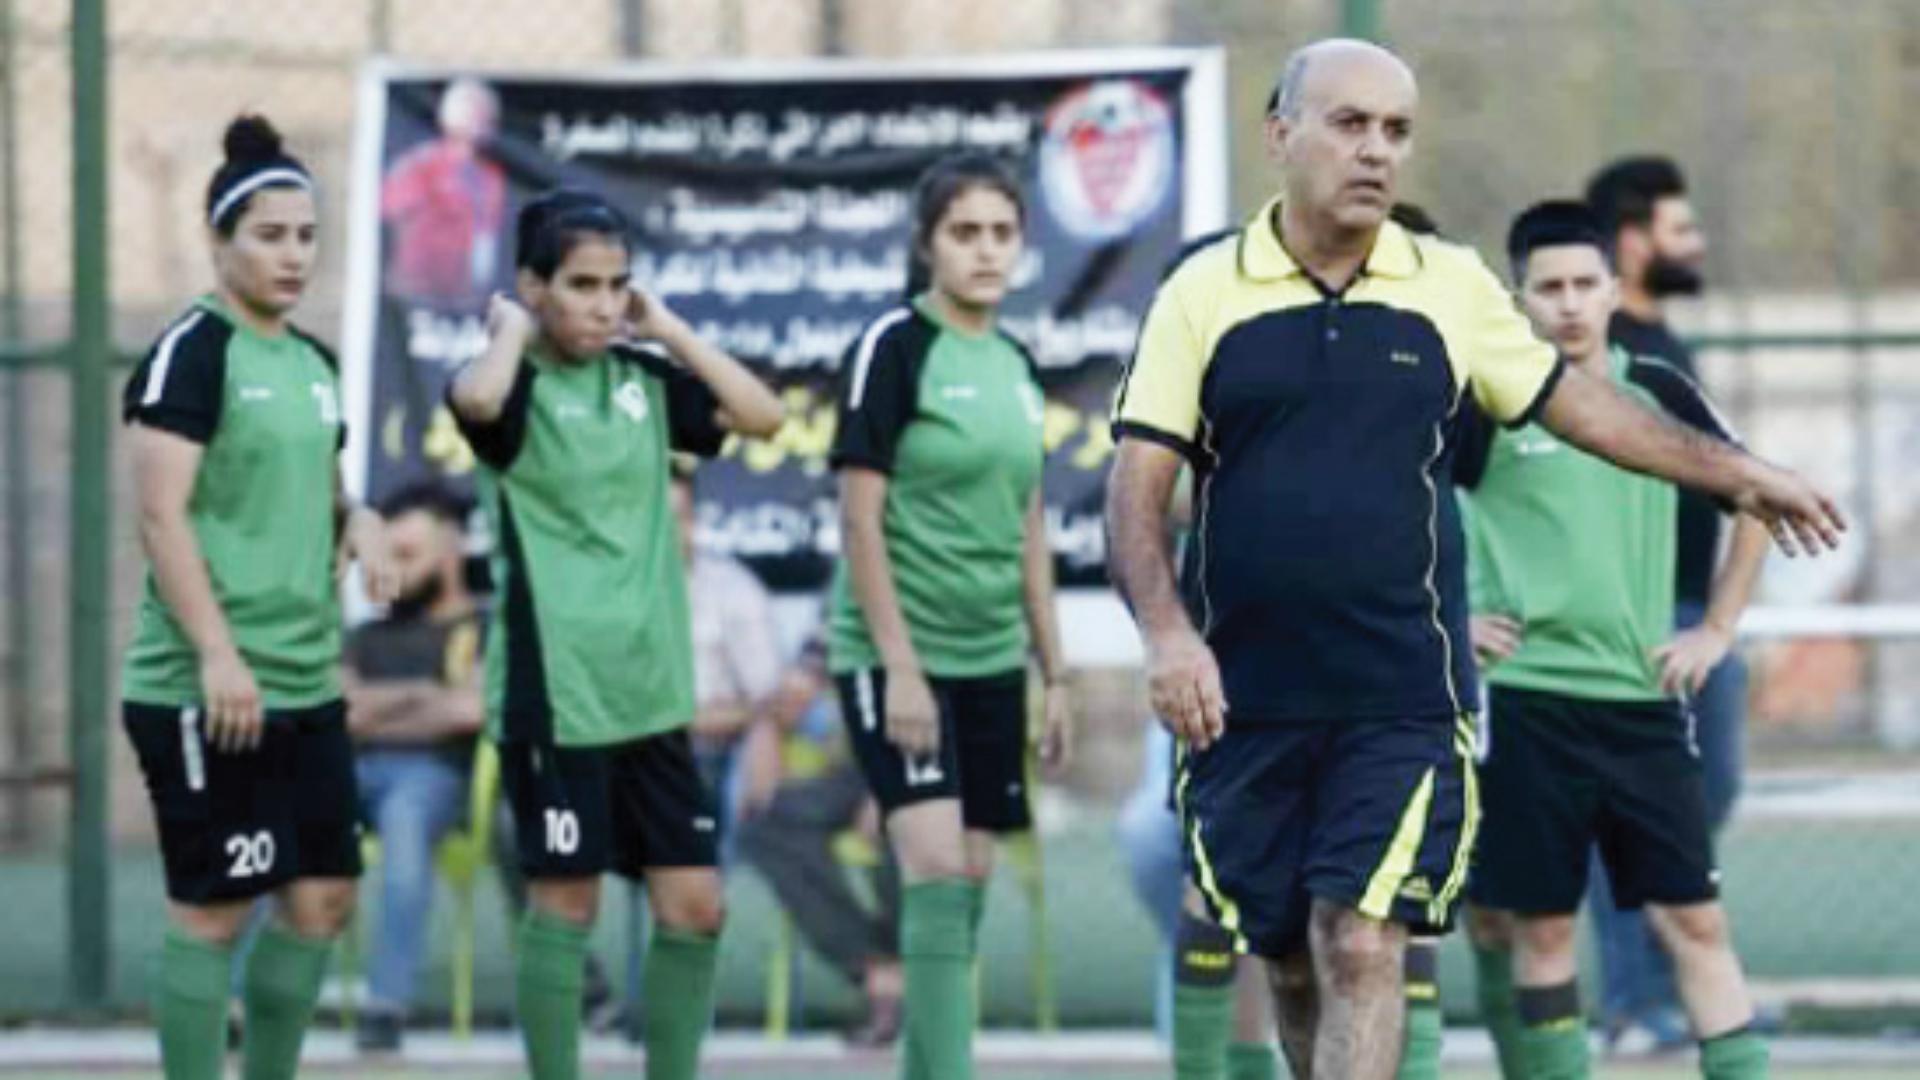 اختيار حلبجة لاحتضان بطولة أندية العراق للناشئات